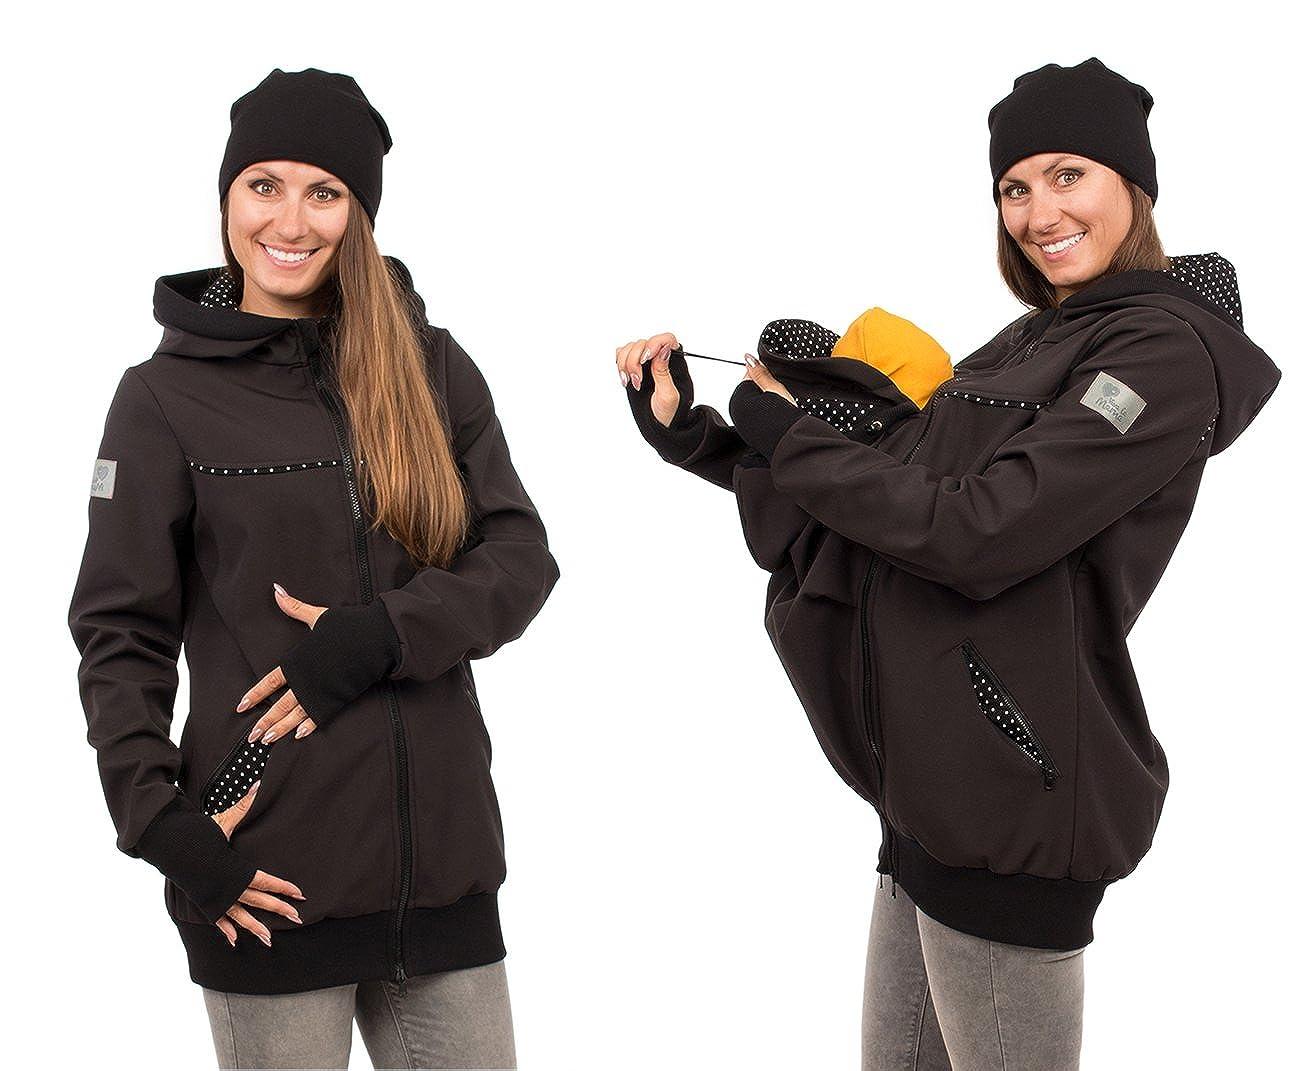 Viva la Mama 4in1 Tragejacke für für für Tragen auf dem Rücken oder der Brust, Softshell, Umstandsjacke + Kängurujacke - AVENTURIS B07DNWNSZV Jacken Großer Räumungsverkauf 0d828a